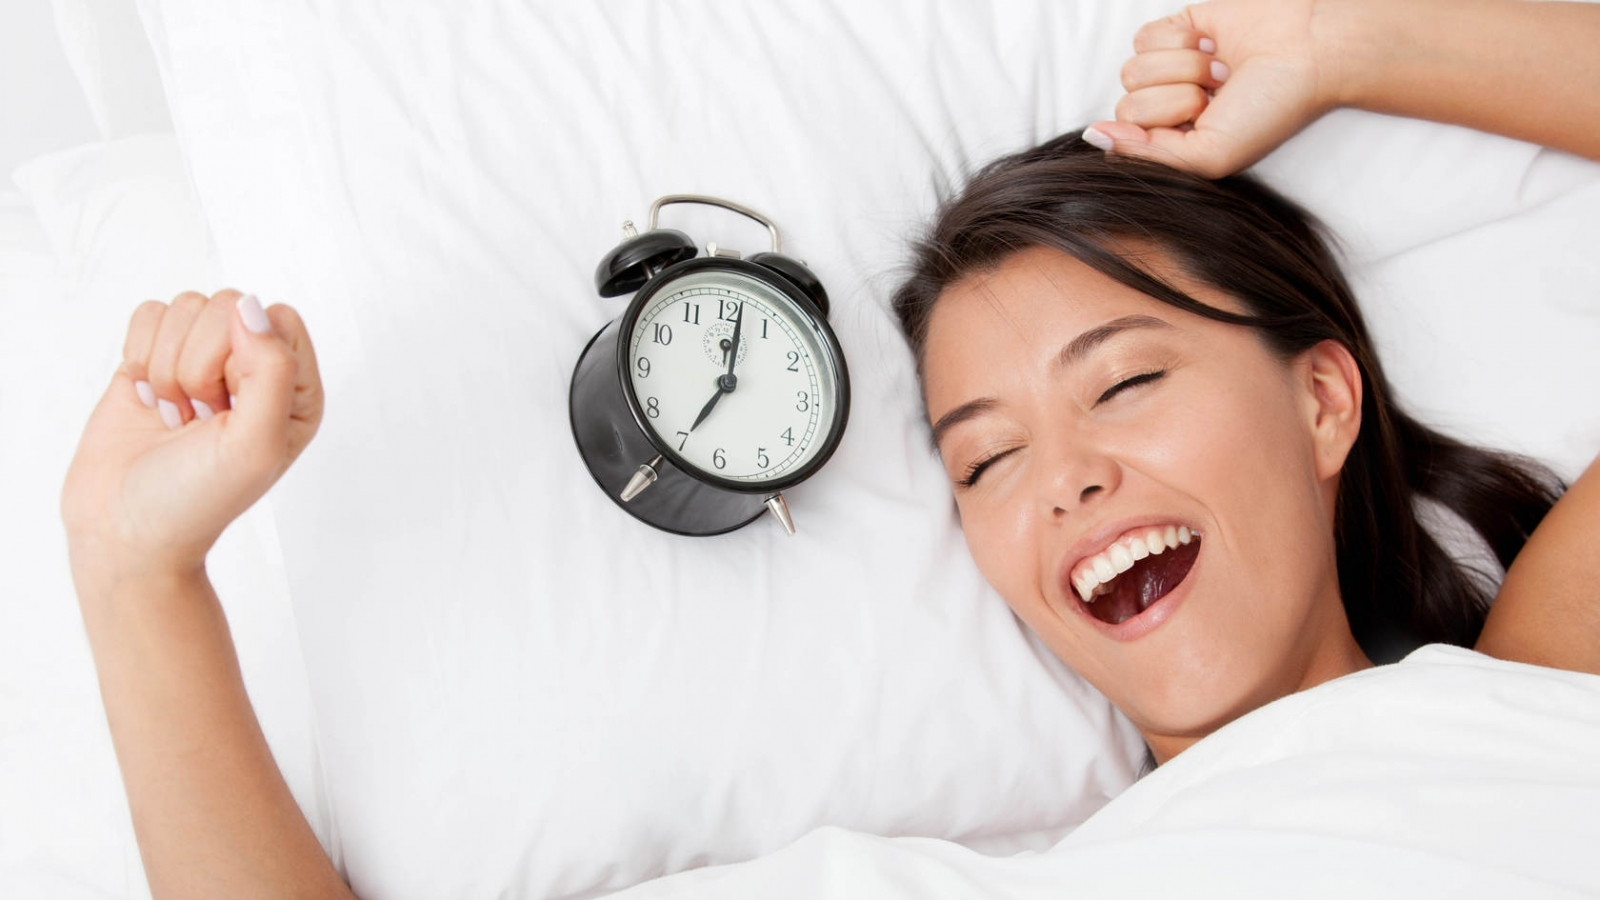 Ученые назвали лучшее время для отменного и непоколебимого сна